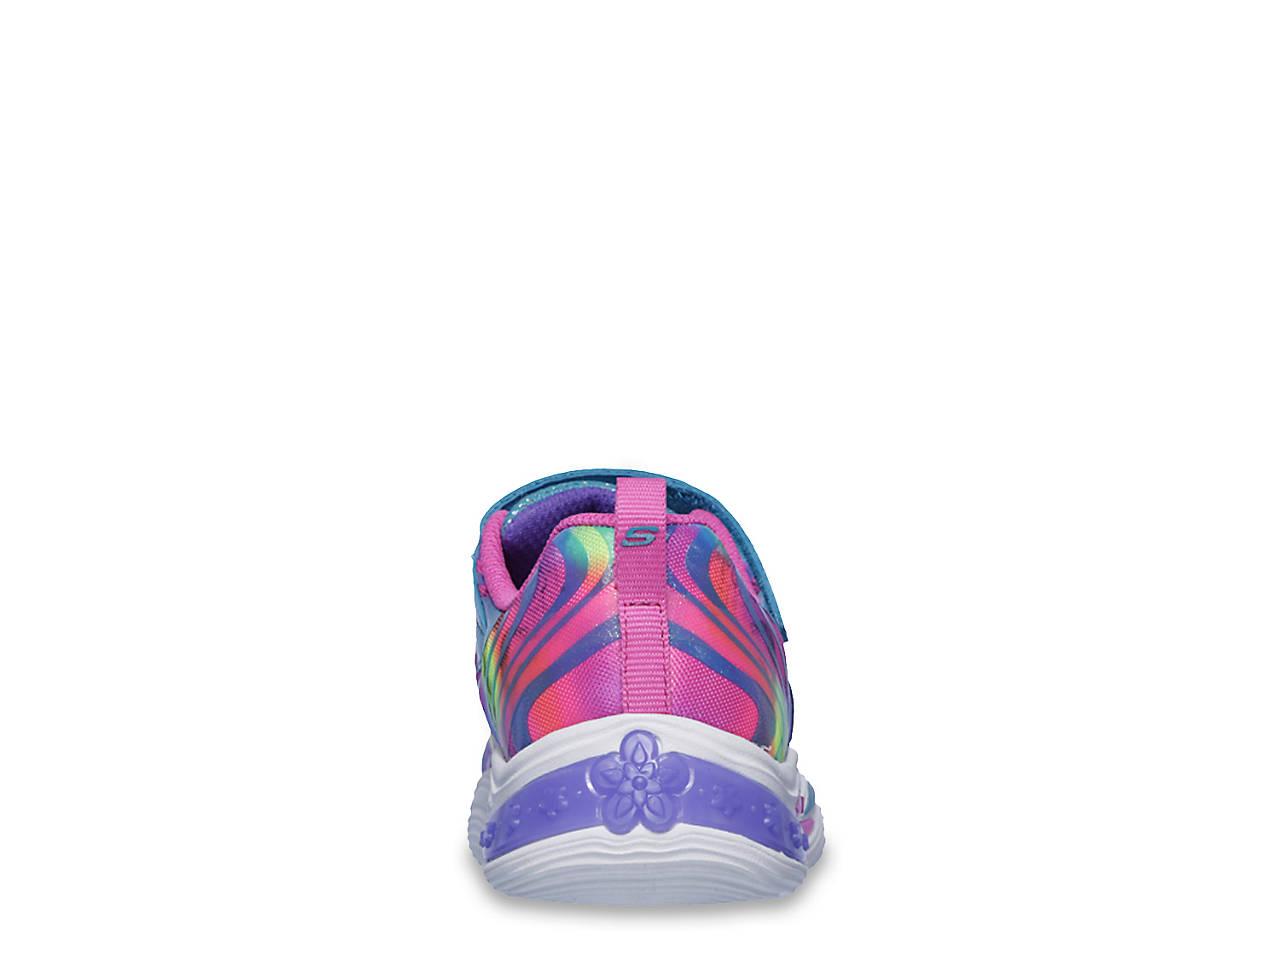 7fd90a9f1982 Skechers S Lights Power Petals Light Up Toddler   Youth Sneaker Kids ...